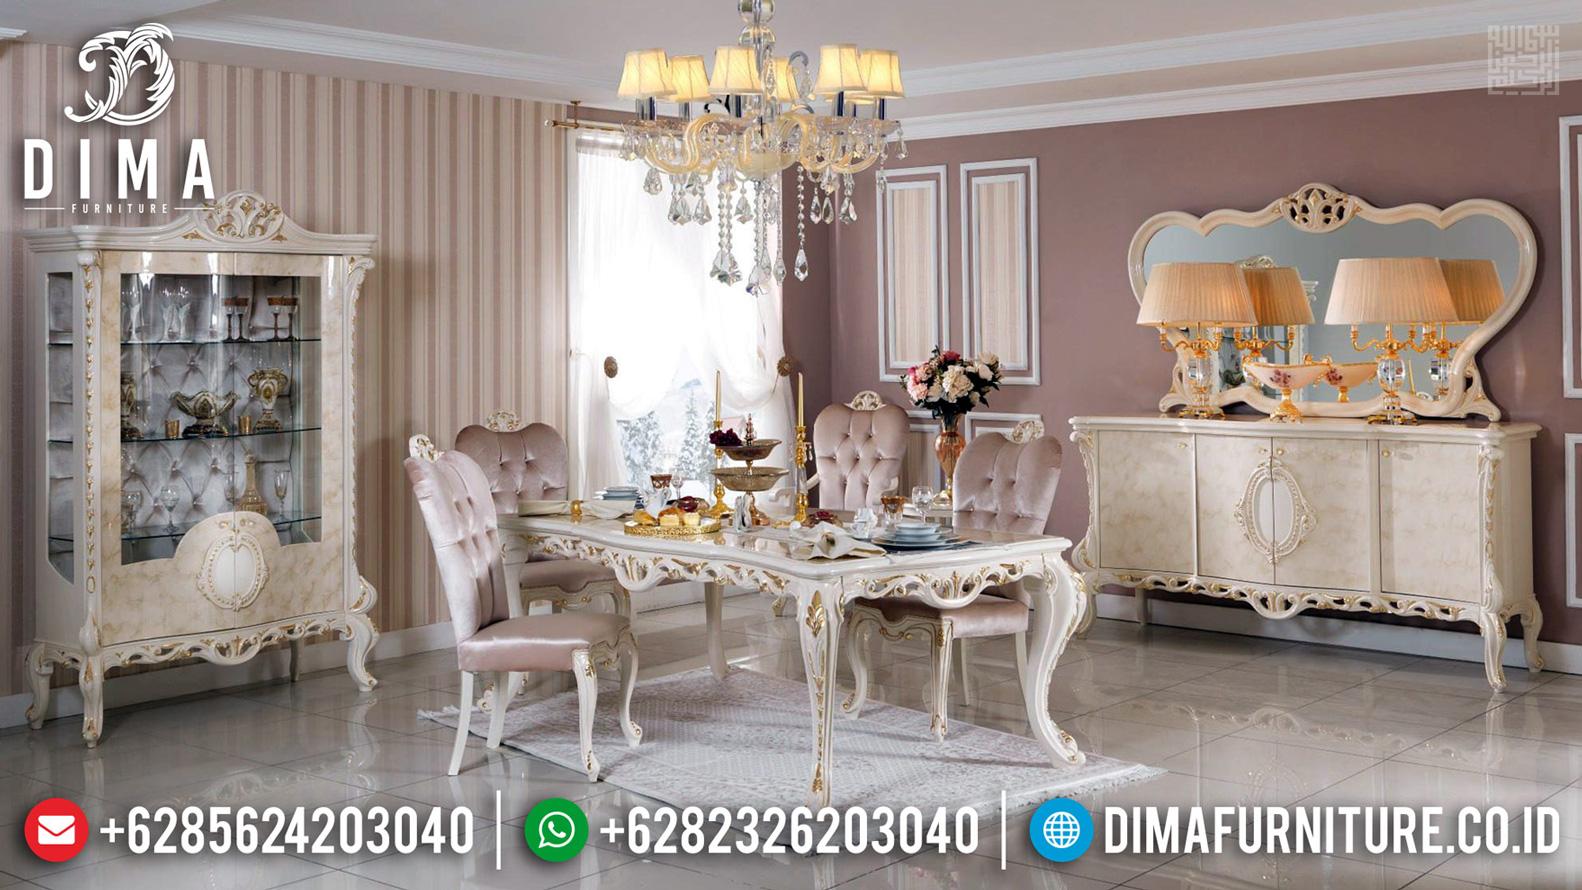 Meja Makan Mewah Queen Style Luxury Carving Furnishing Jepara MMJ-0531